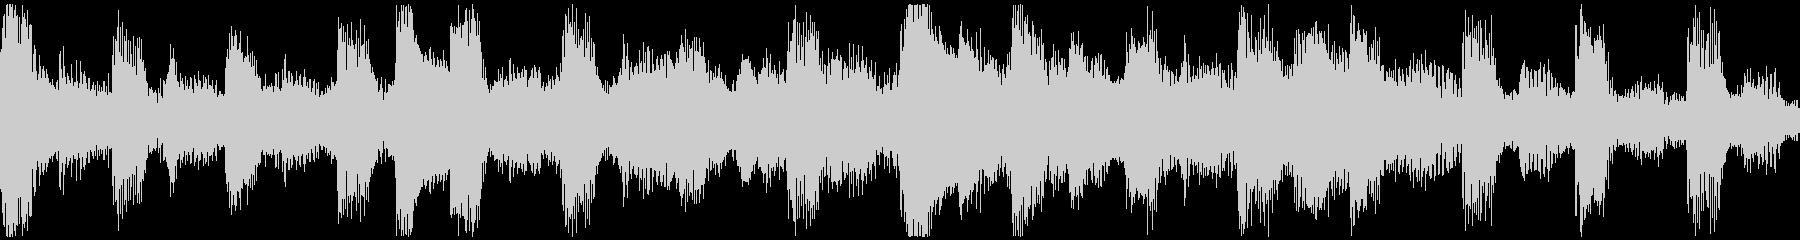 <ショートループ> ピアノ④+ビートAの未再生の波形